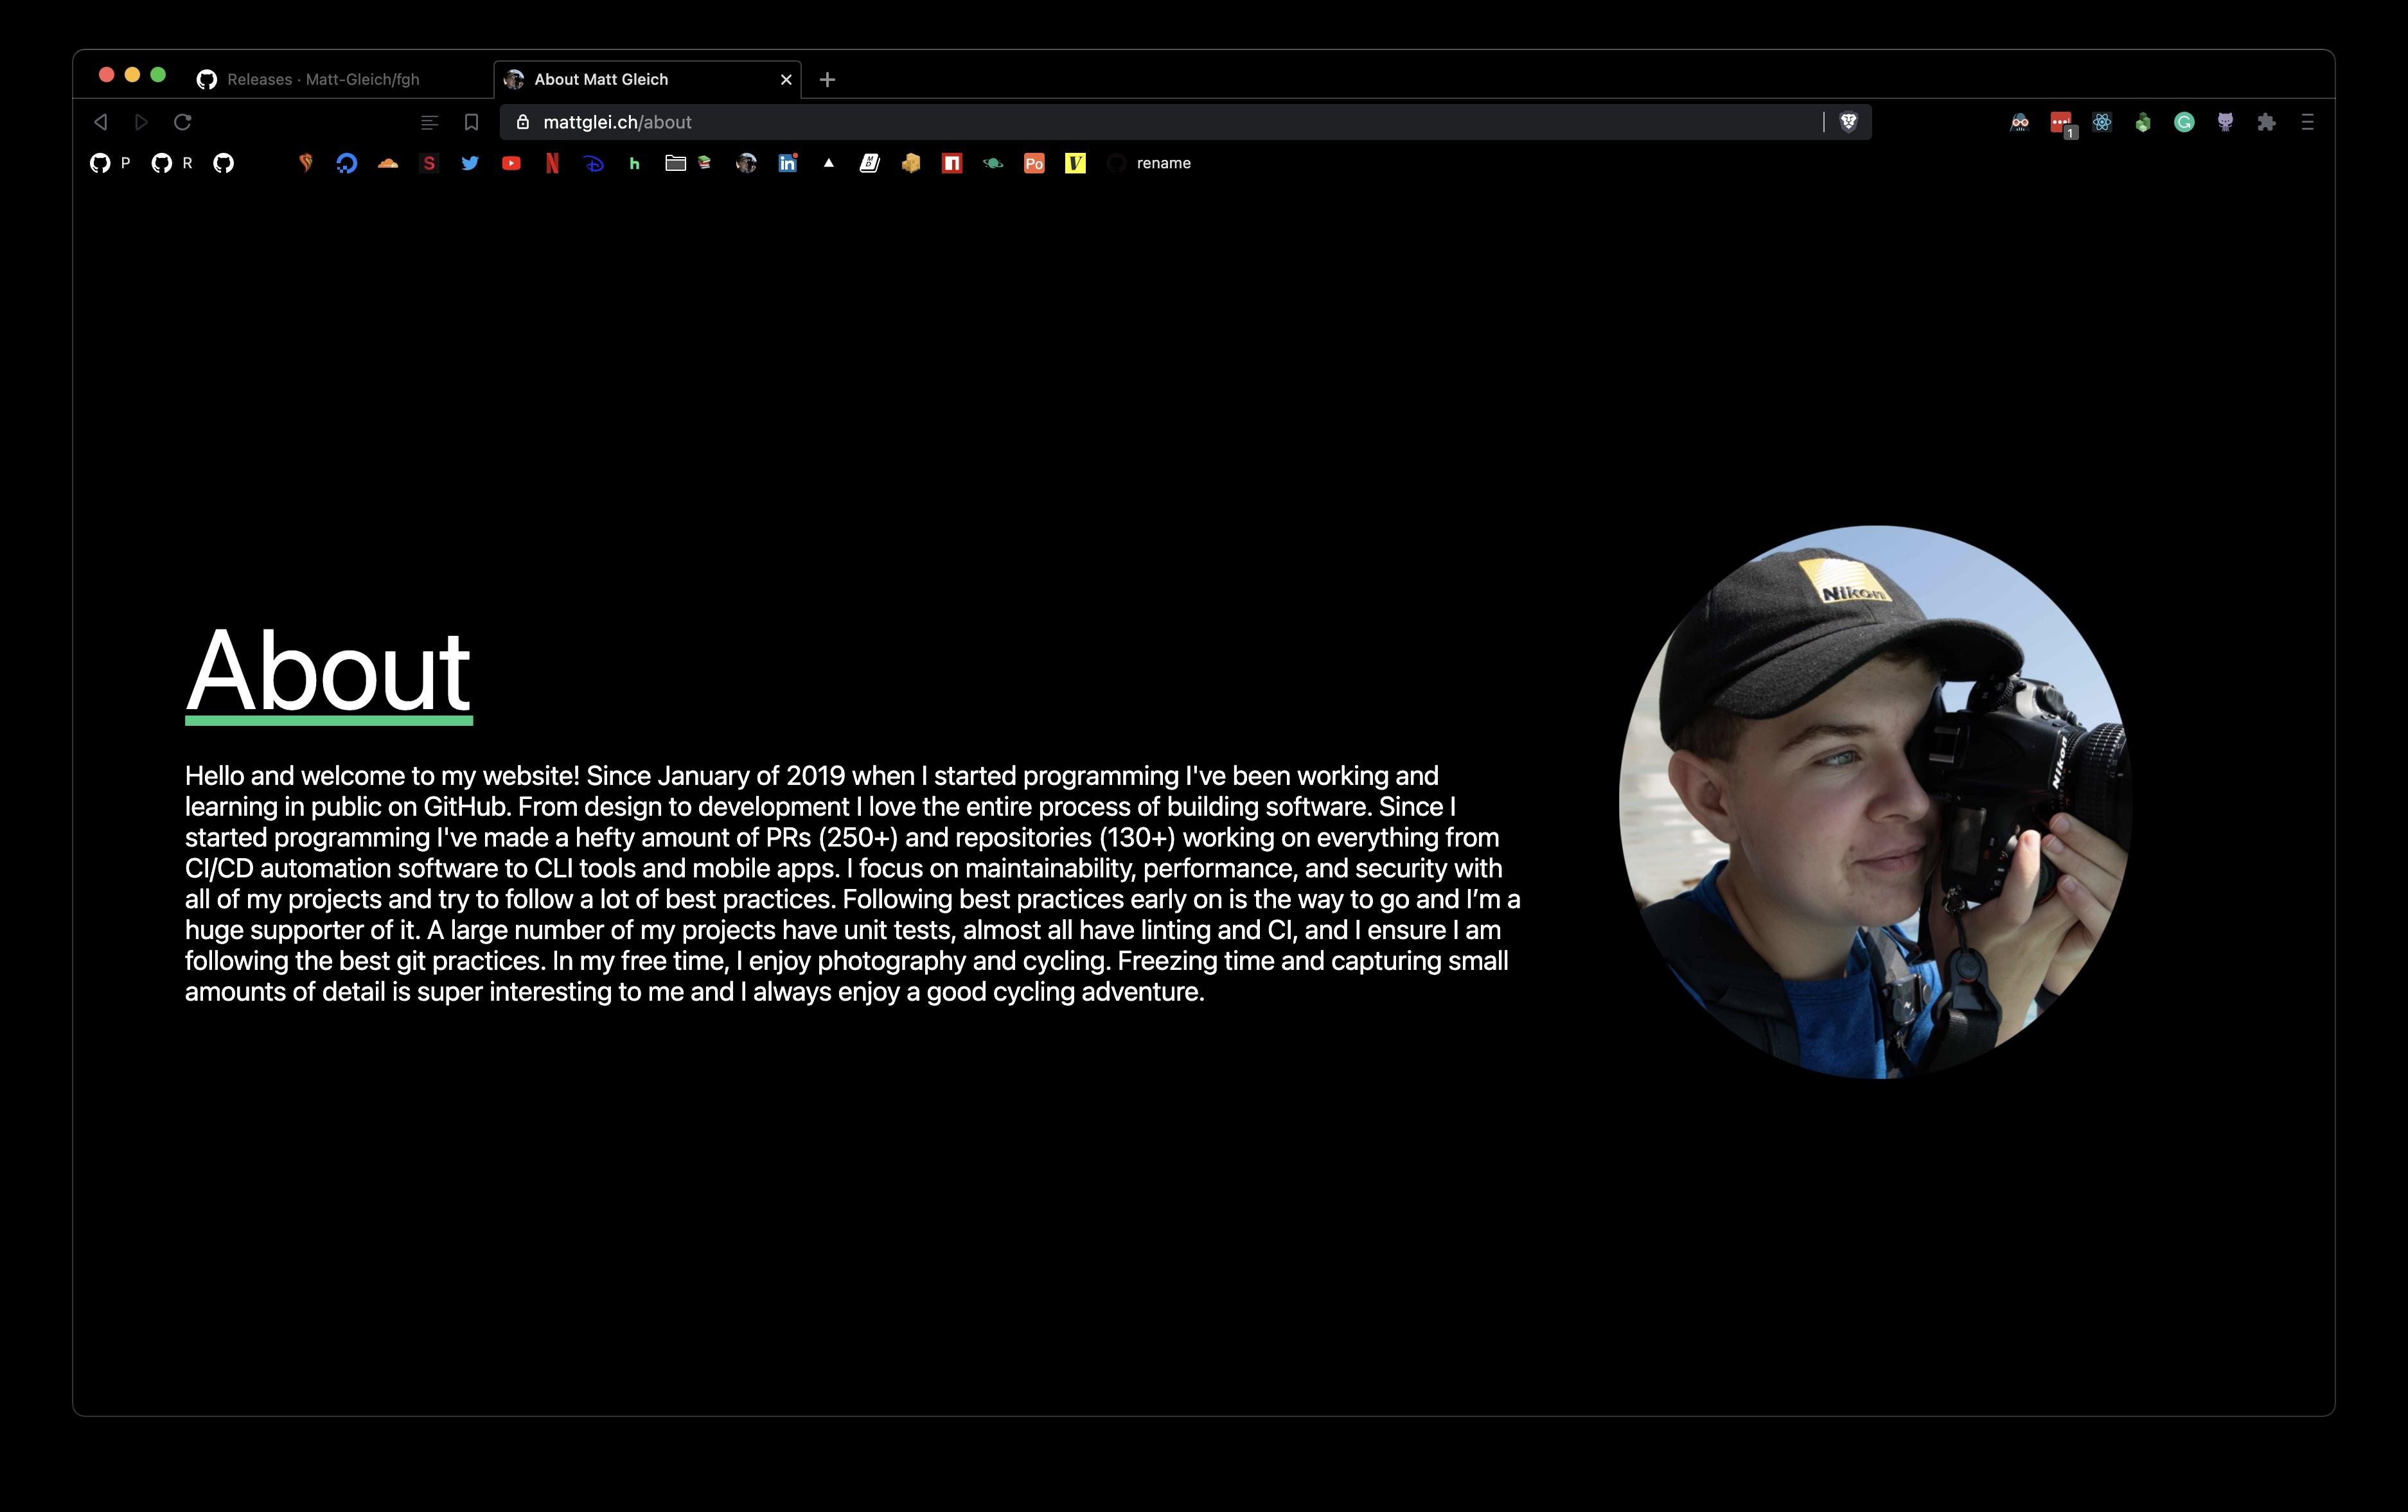 https://cloud-rf51t8c15-hack-club-bot.vercel.app/0screen_shot_2021-04-28_at_4.15.45_pm.jpg